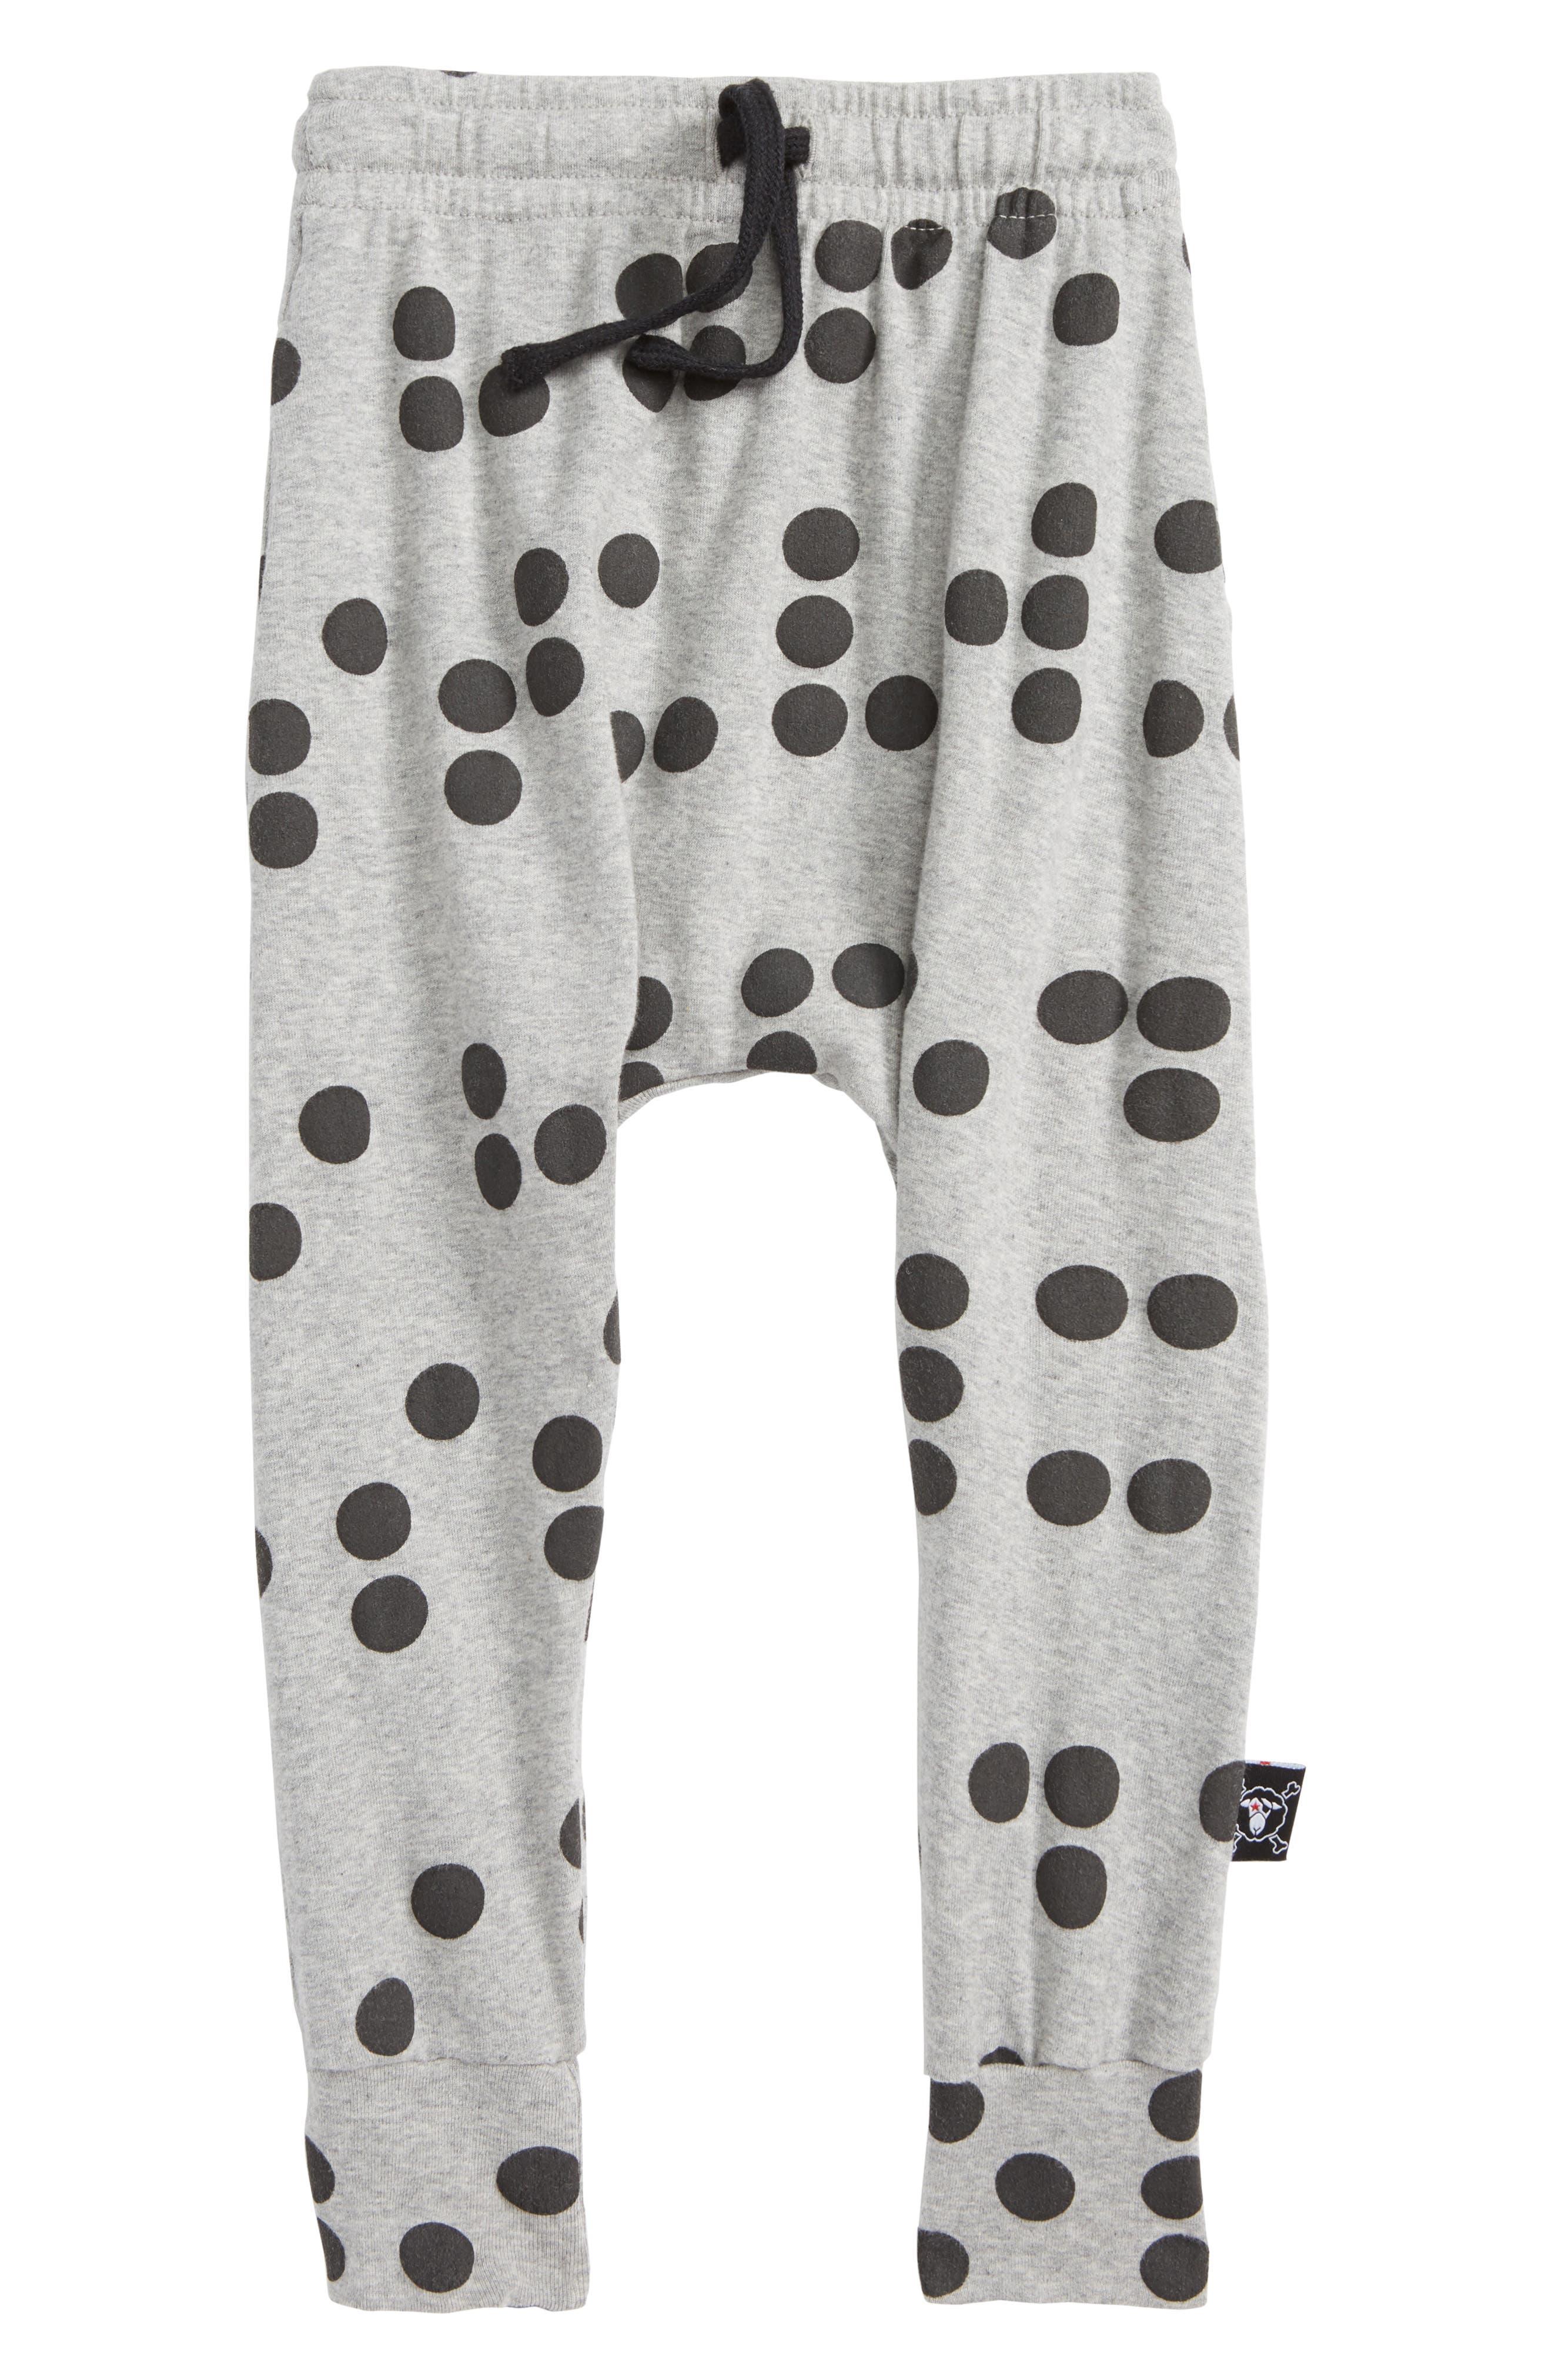 Braille Baggy Pants,                         Main,                         color, 050